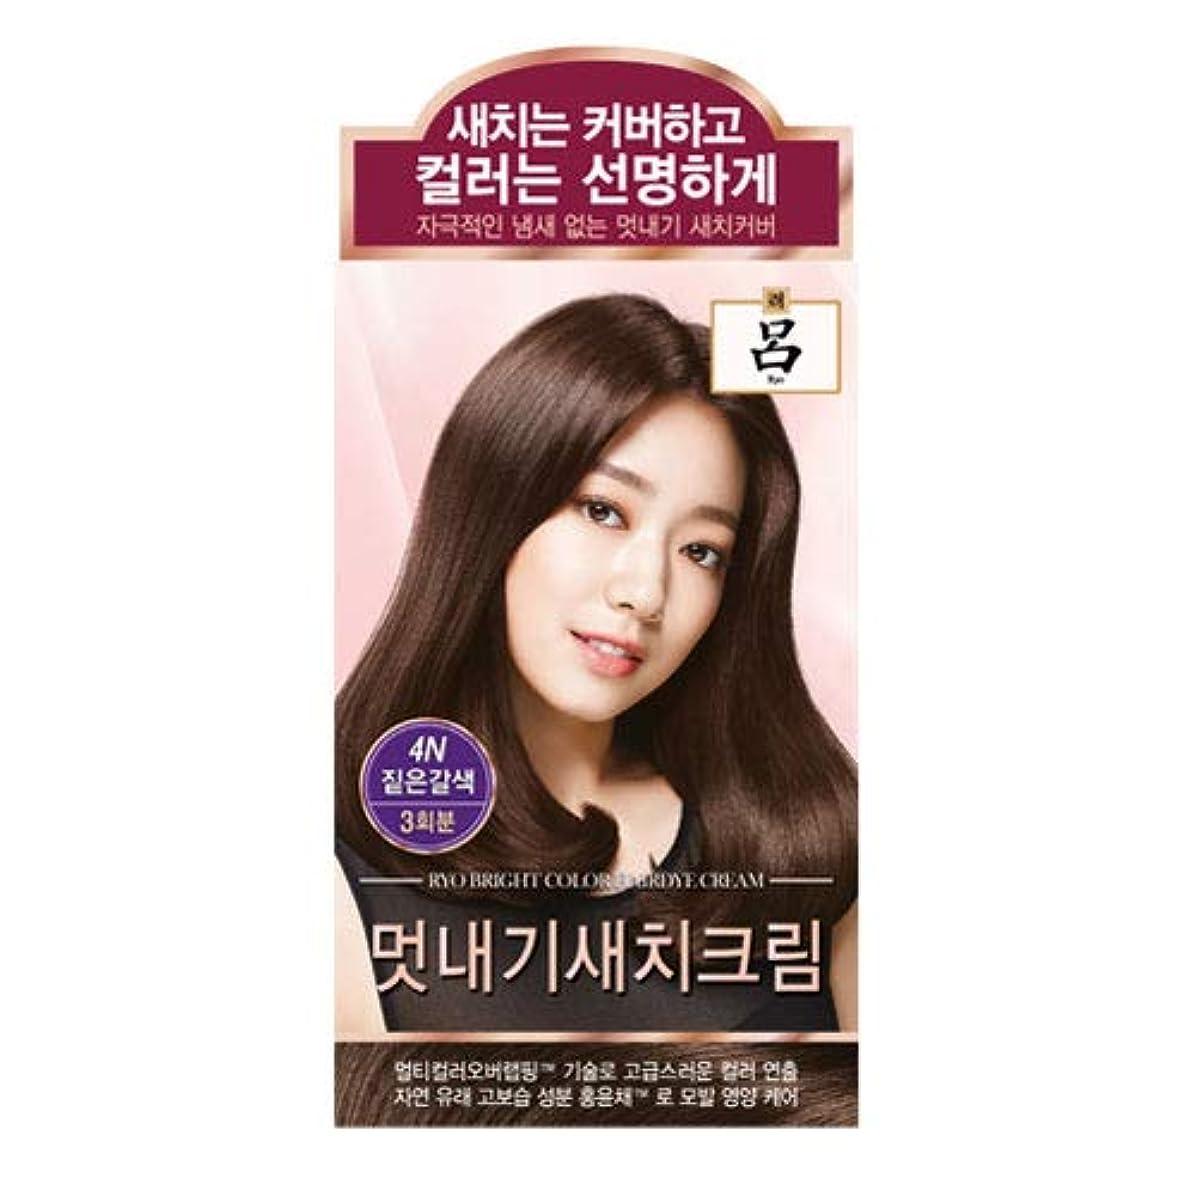 少し牧草地防ぐアモーレパシフィック呂[AMOREPACIFIC/Ryo] ブライトカラーヘアアイクリーム 4N ディープブラウン/Bright Color Hairdye Cream 4N Deep Brown